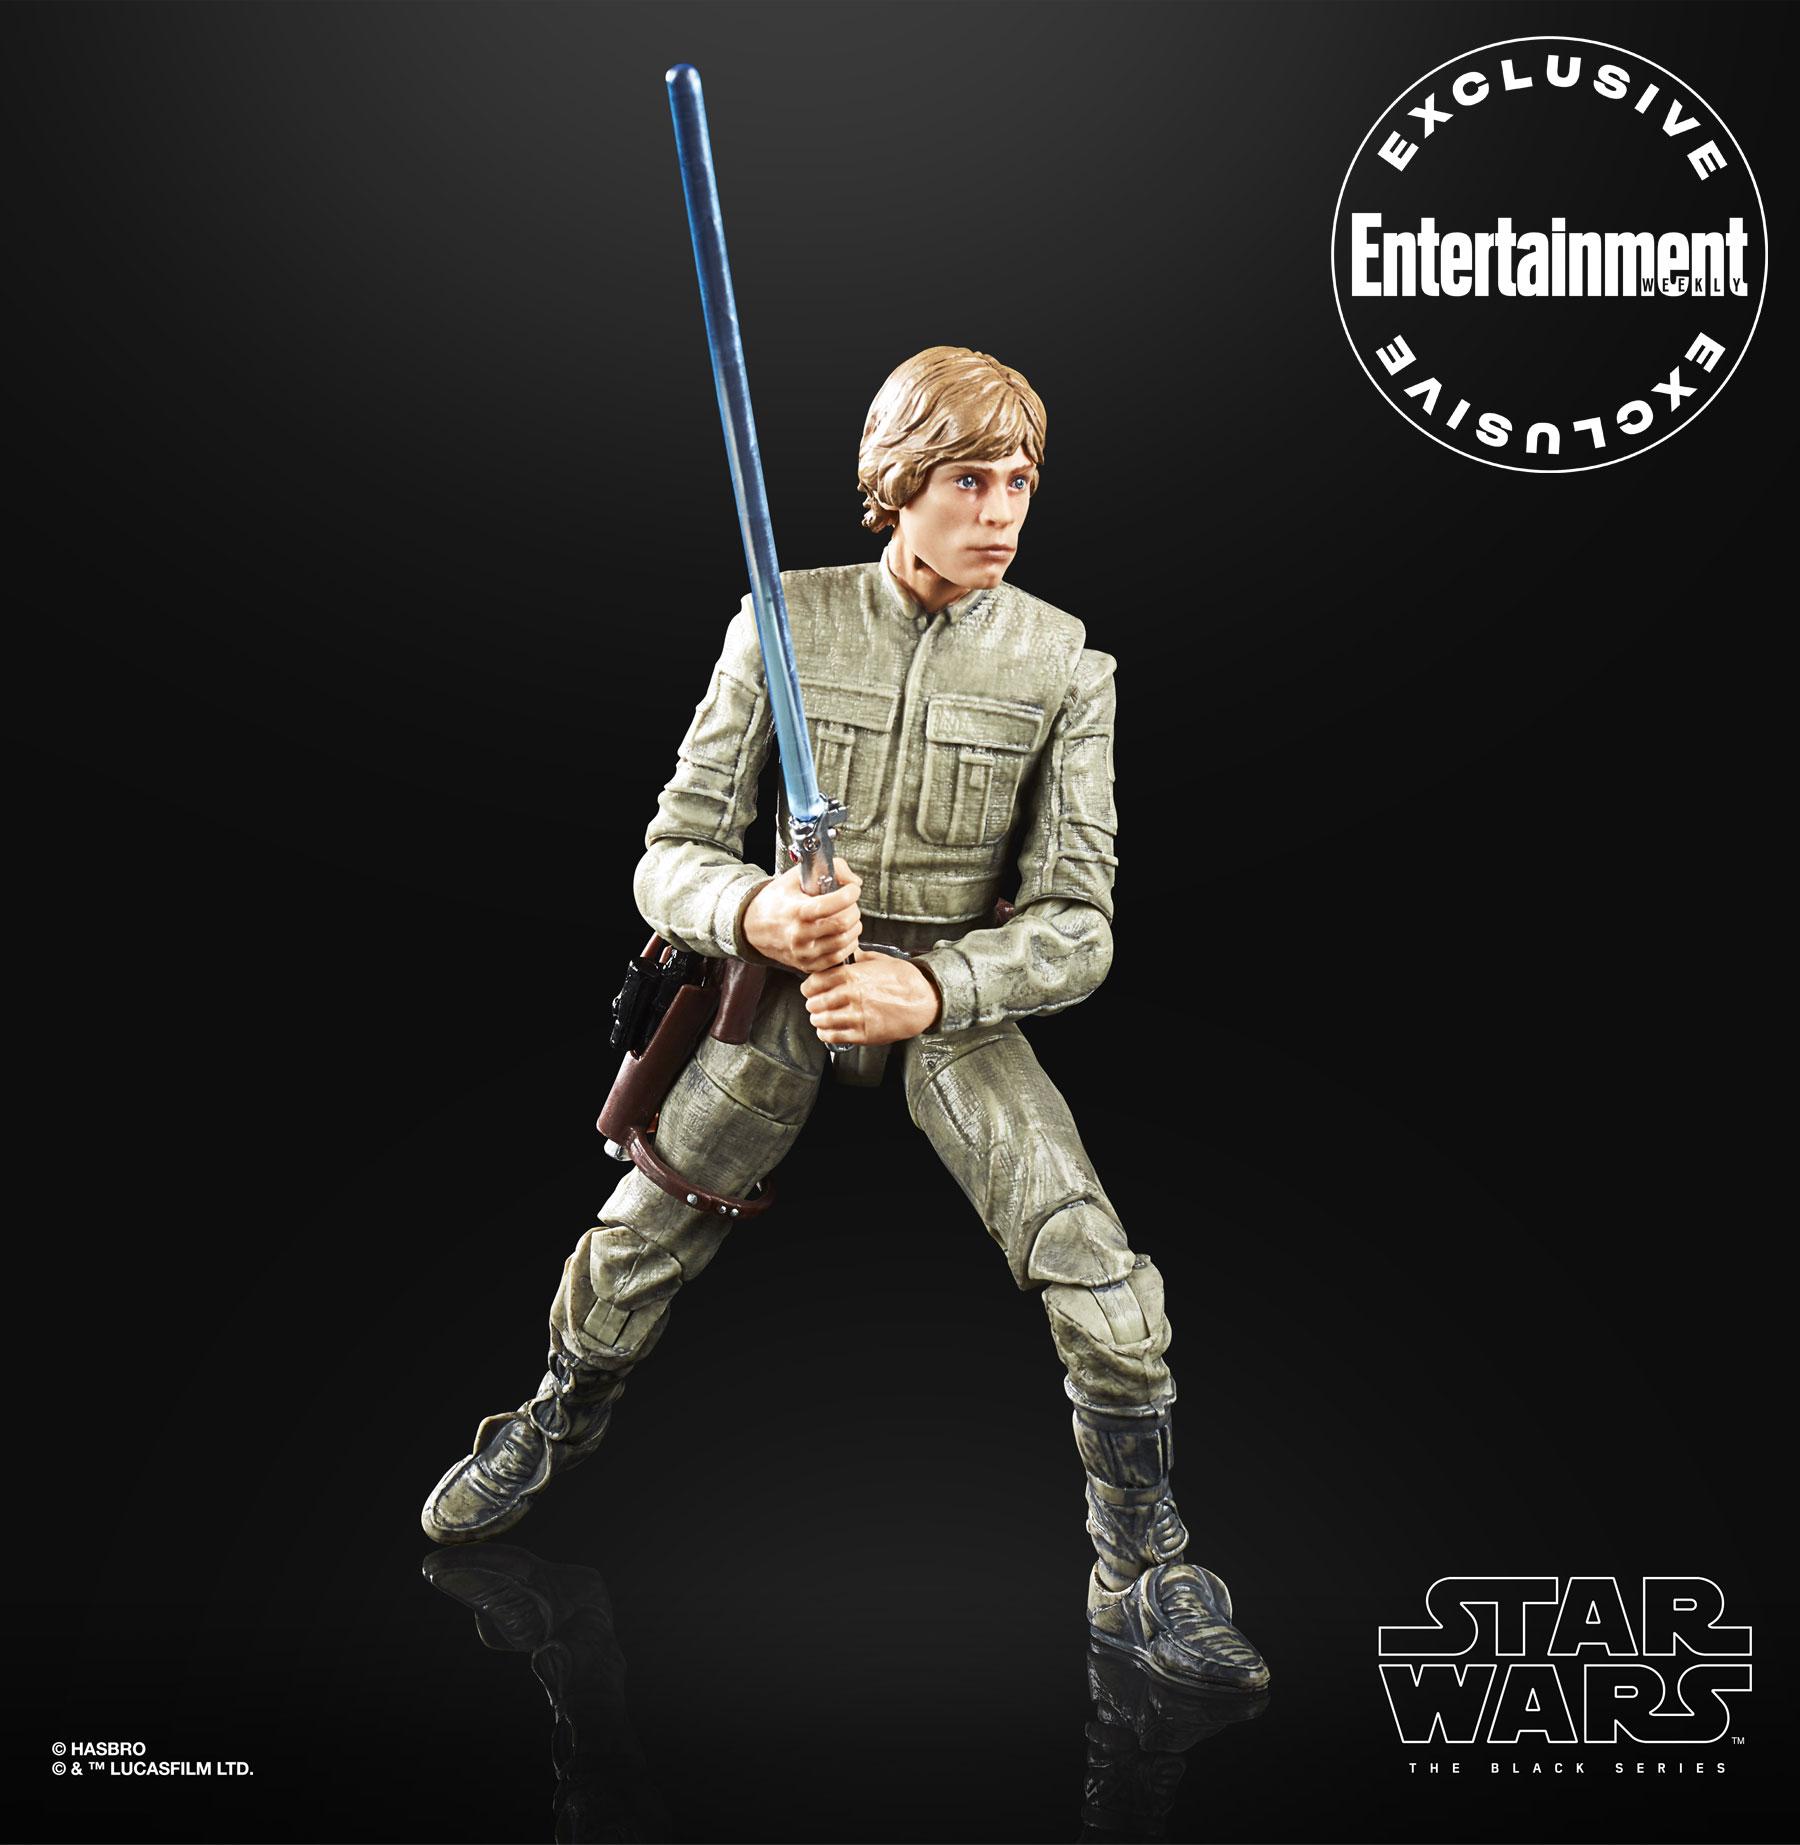 Gwiezdne wojny: Imperium kontratakuje - zdjęcie zabawki